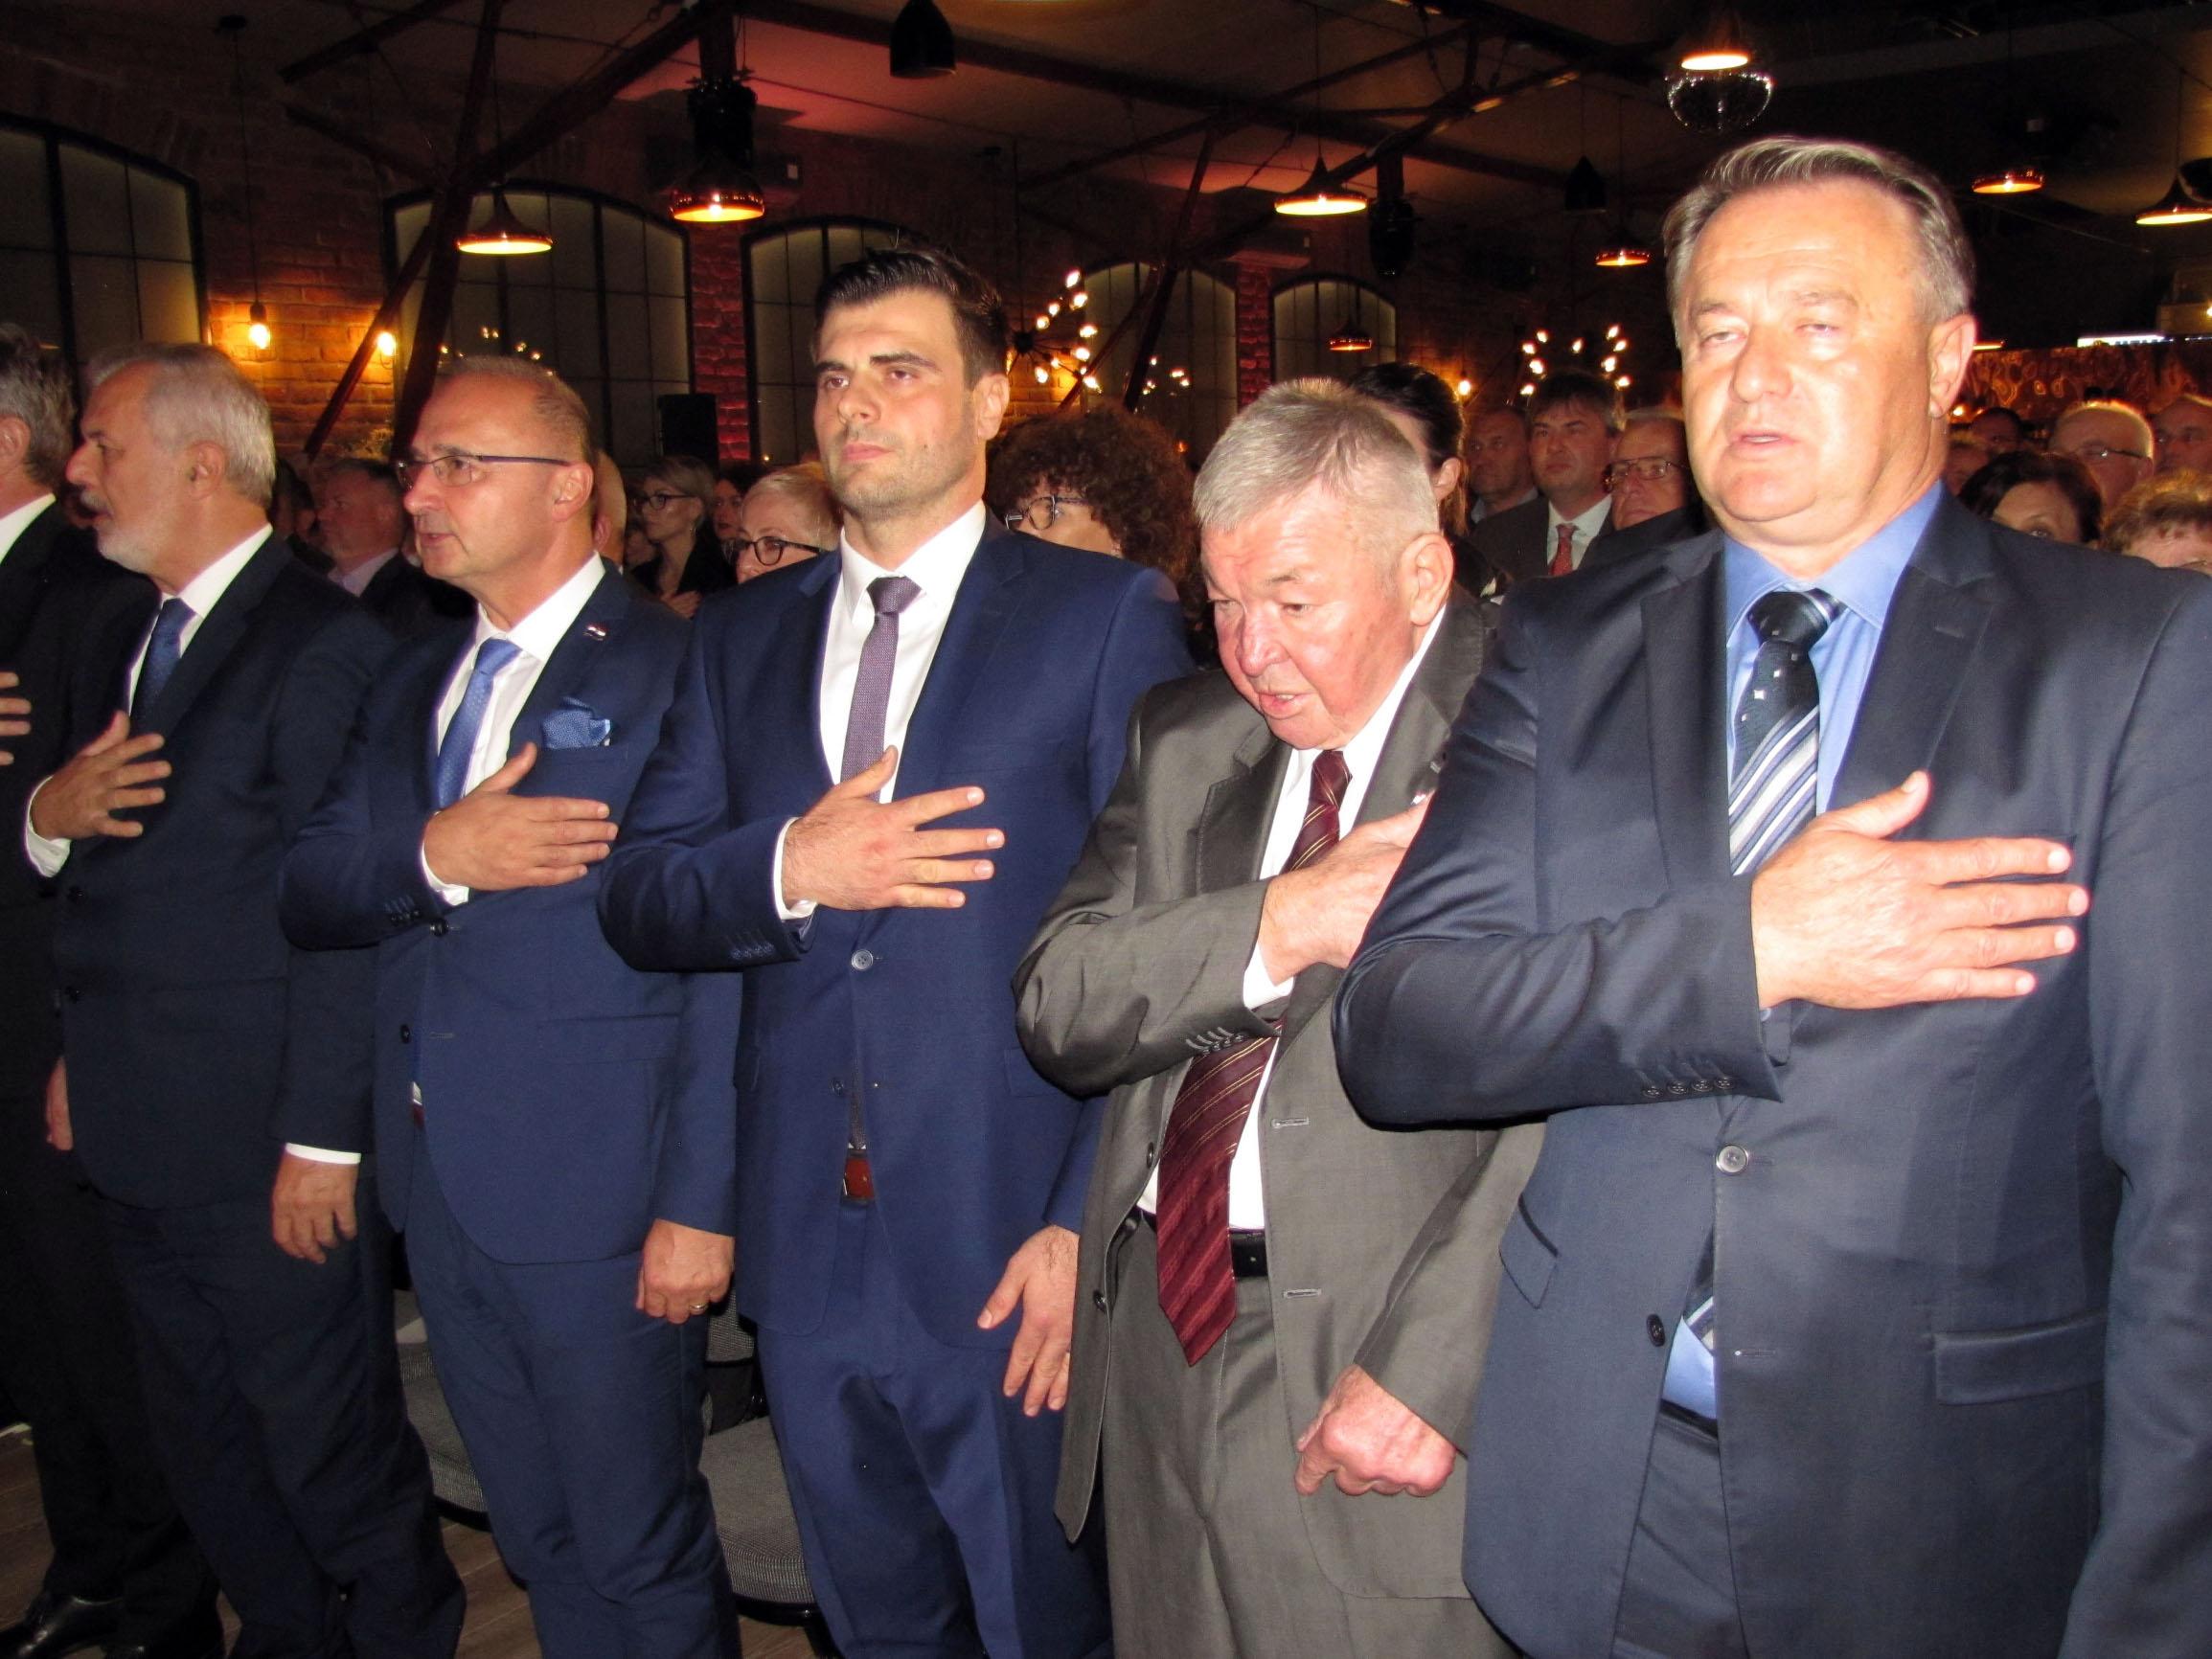 Ante Sanader, Gordan Grlić Radman, Ivan Celjak, Ivan Bobetko, Ivo Žinić